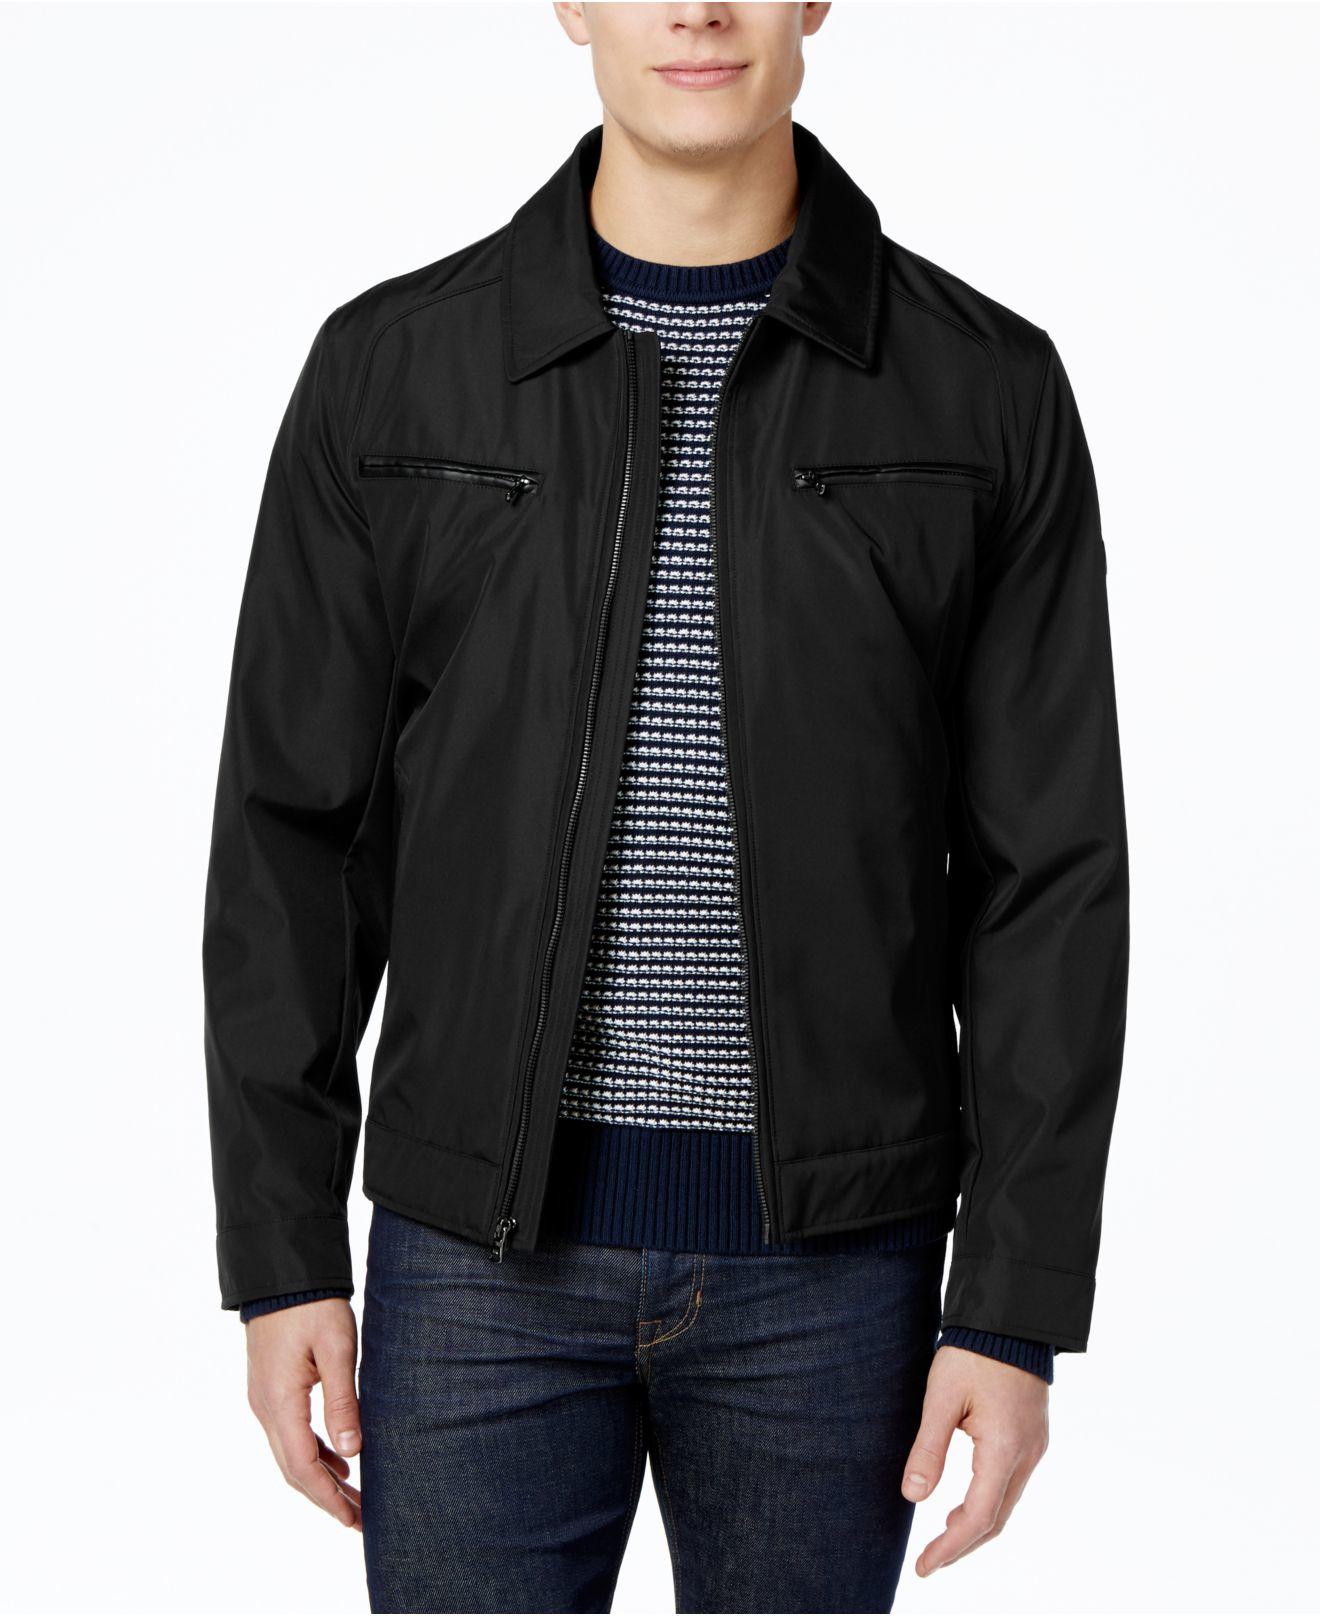 michael kors michael men 39 s hipster jacket in black for men. Black Bedroom Furniture Sets. Home Design Ideas